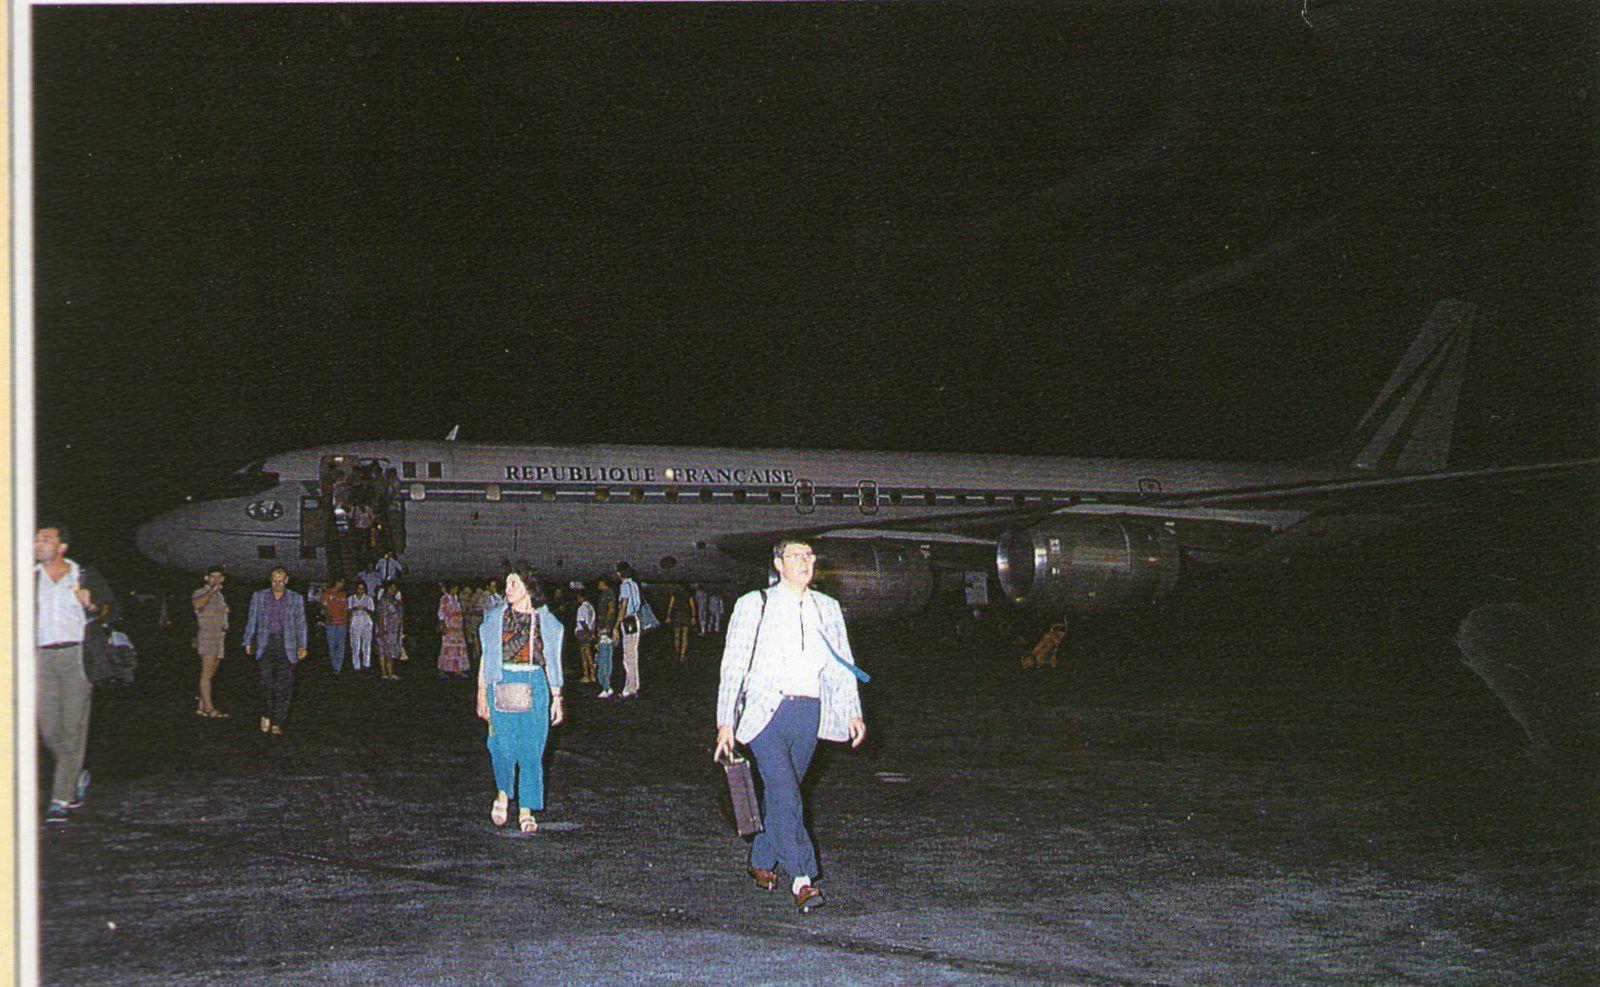 Atterrissage à Moruroa de l'avion du COTAM avec à son bord du personnel du CEA